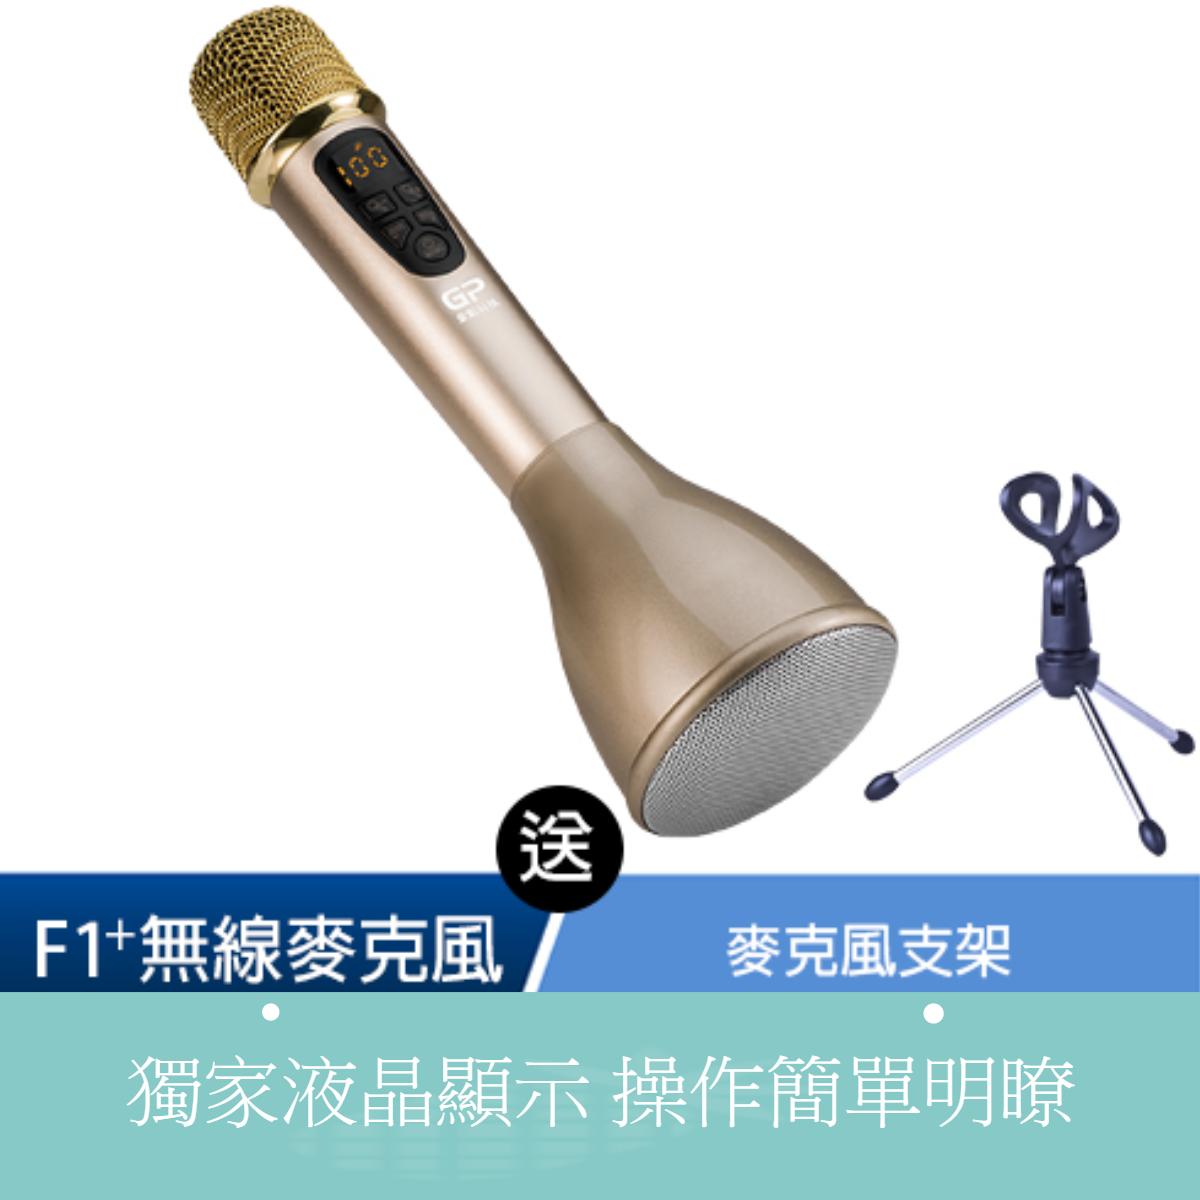 可升降KEY的第二代說唱神麥~最新款F1+(PLUS)數位掌上KTV無線麥克風藍芽喇叭(土豪金)